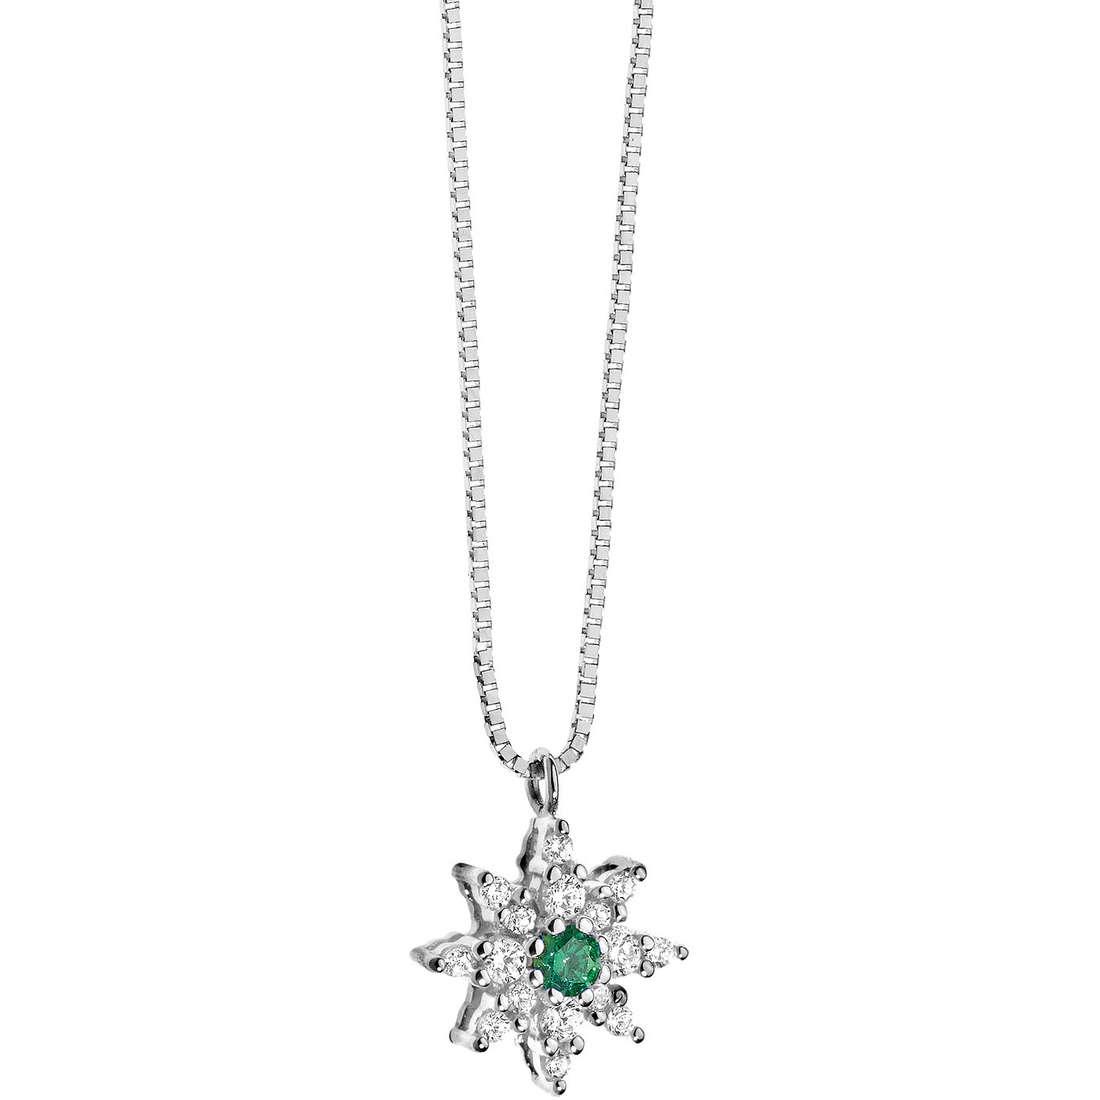 collana donna gioielli Comete Pietre preziose colorate GLB 780